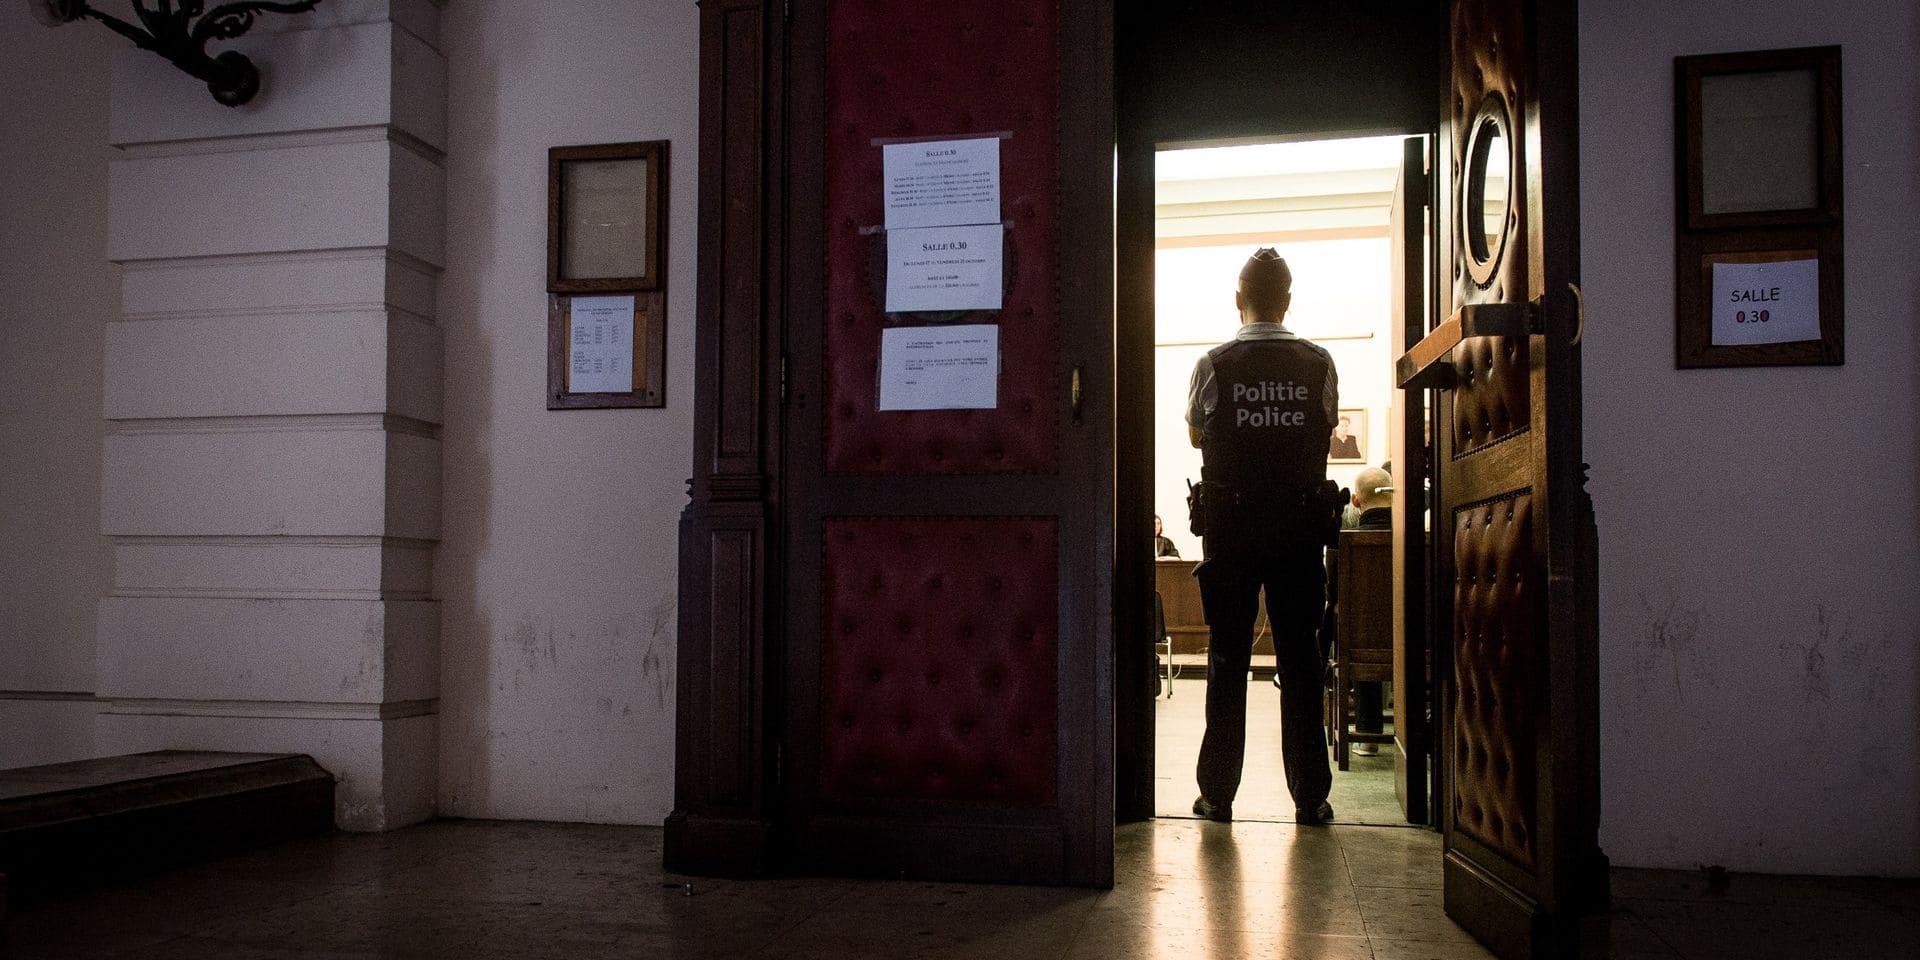 Un an de prison par défaut pour une scène de coups et blessures sur son ex-compagne à Péronnes-lez-Binche